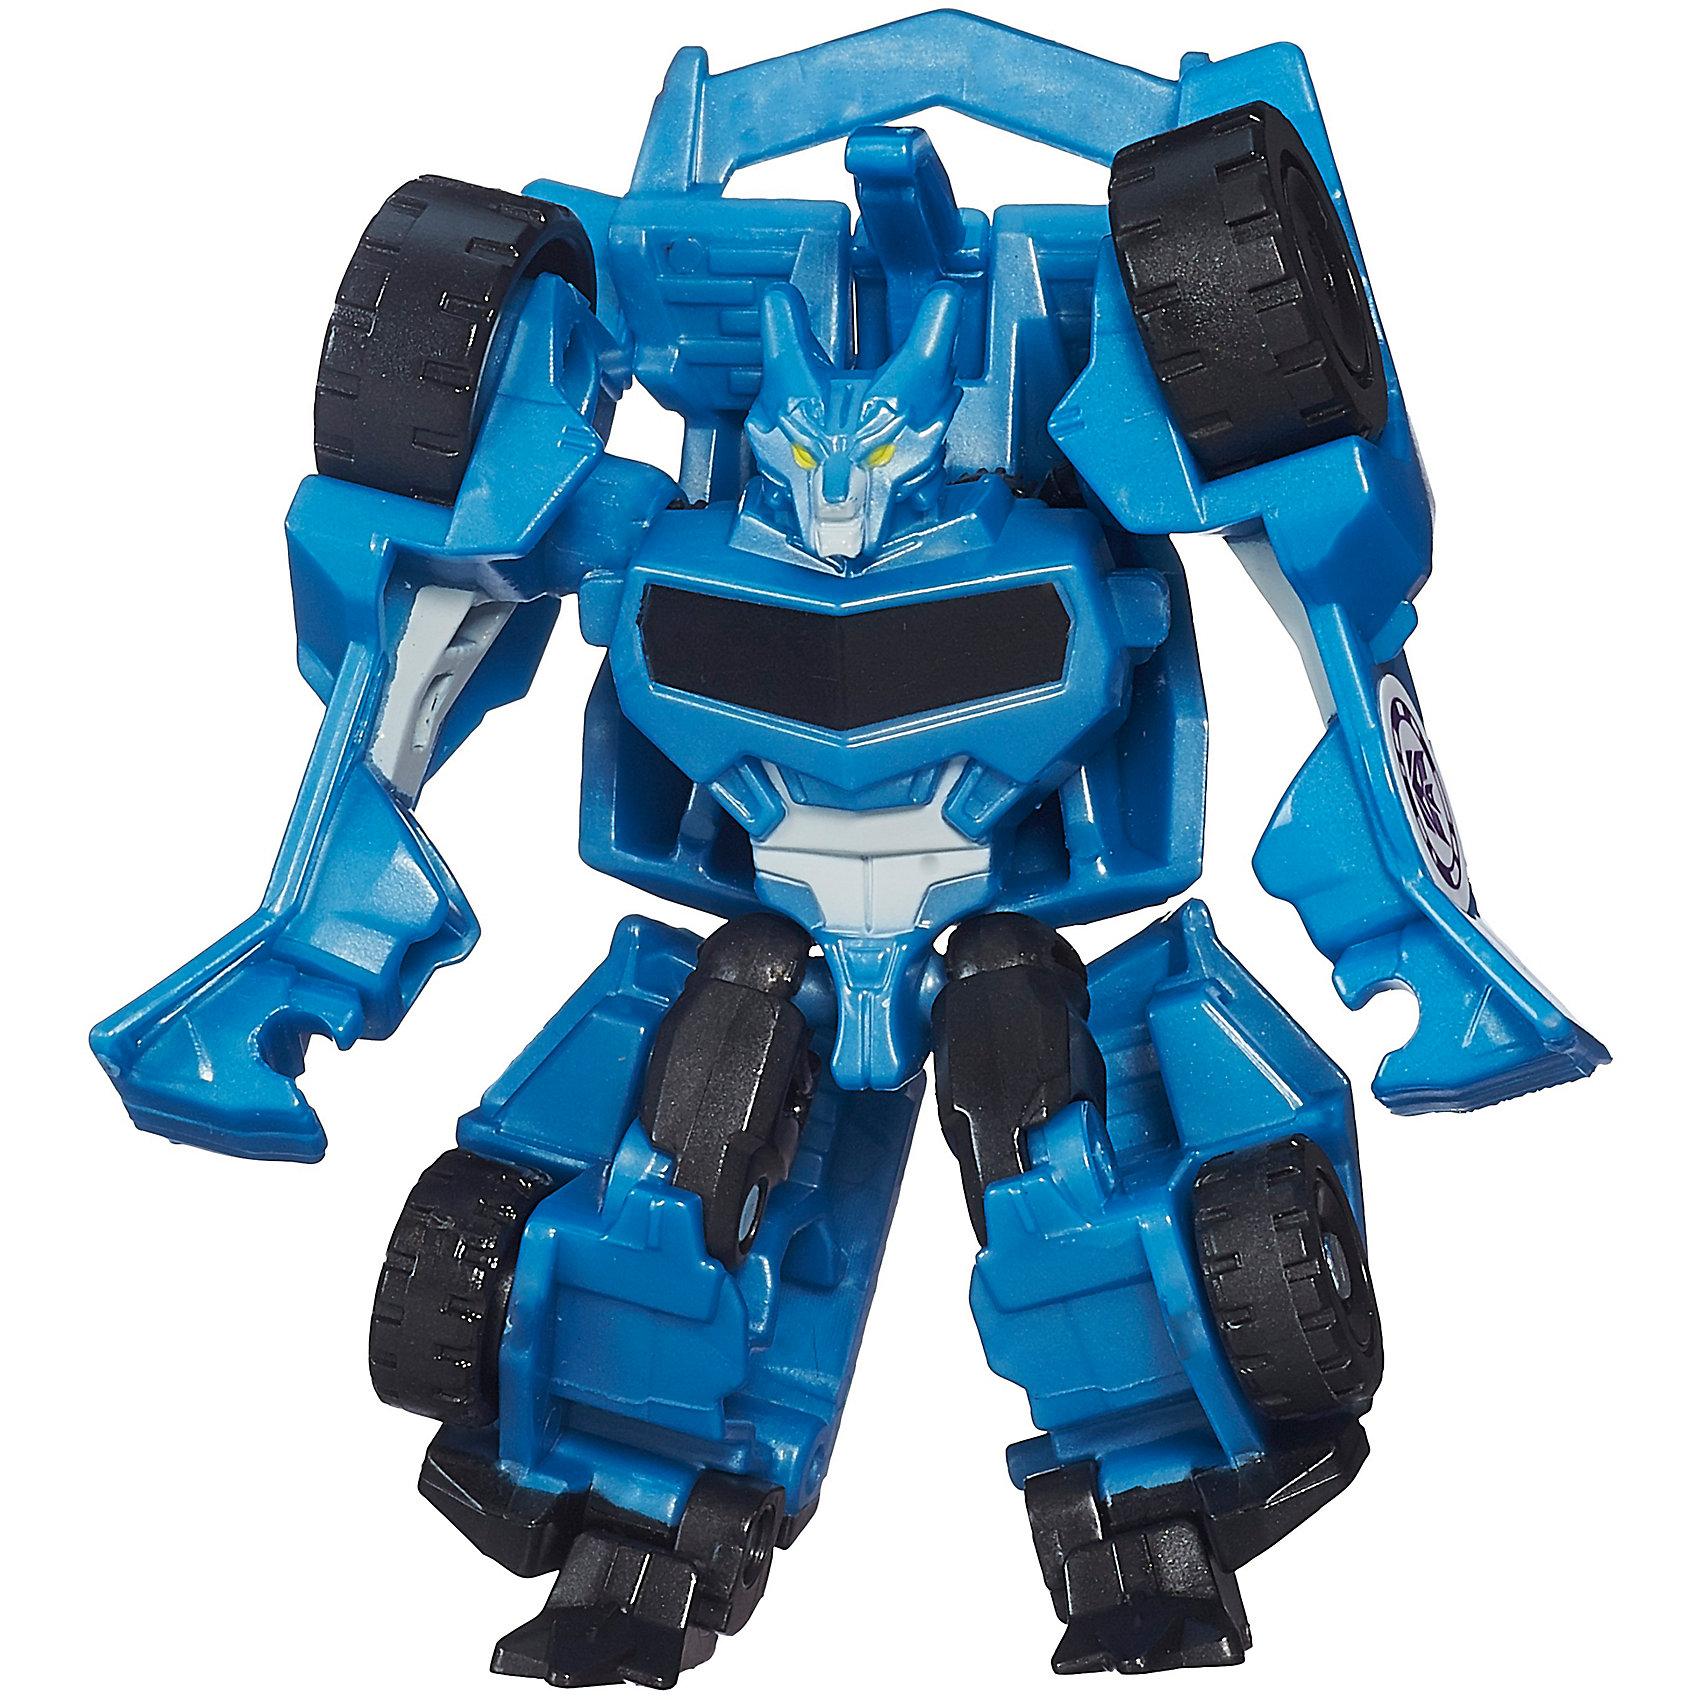 Роботс-ин-Дисгайс  Легион, Трансформеры, B0065/B0893Роботс-ин-Дисгайс Легион, Трансформеры, Hasbro станет замечательным подарком для всех поклонников фильма Трансформеры (Transformers). Фигурки Robots in Disguise созданы по мотивам этого знаменитого фантастического фильма, повествующего о могучих роботах, способных трансформироваться в любые транспортные средства. Робот из данного набора также наделен способностями своего персонажа из фильма, всего 5 движений - и он преобразуется в мощный спортивный автомобиль!  В ассортименте представлено несколько роботов-персонажей фильма, каждый набор включает только одну фигурку. Для всех поклонников Трансформеров фигурки составят замечательную коллекцию и дополнят игры новыми персонажами.  Дополнительная информация:  - Материал: пластик. - Высота фигурки: 10 см. - Размер упаковки: 17,1 x 10,8 x 3,8 см.    Роботс-ин-Дисгайс Легион, Трансформеры, Hasbro можно купить в нашем интернет-магазине.<br><br>Ширина мм: 172<br>Глубина мм: 111<br>Высота мм: 40<br>Вес г: 22<br>Возраст от месяцев: 48<br>Возраст до месяцев: 96<br>Пол: Мужской<br>Возраст: Детский<br>SKU: 4829658